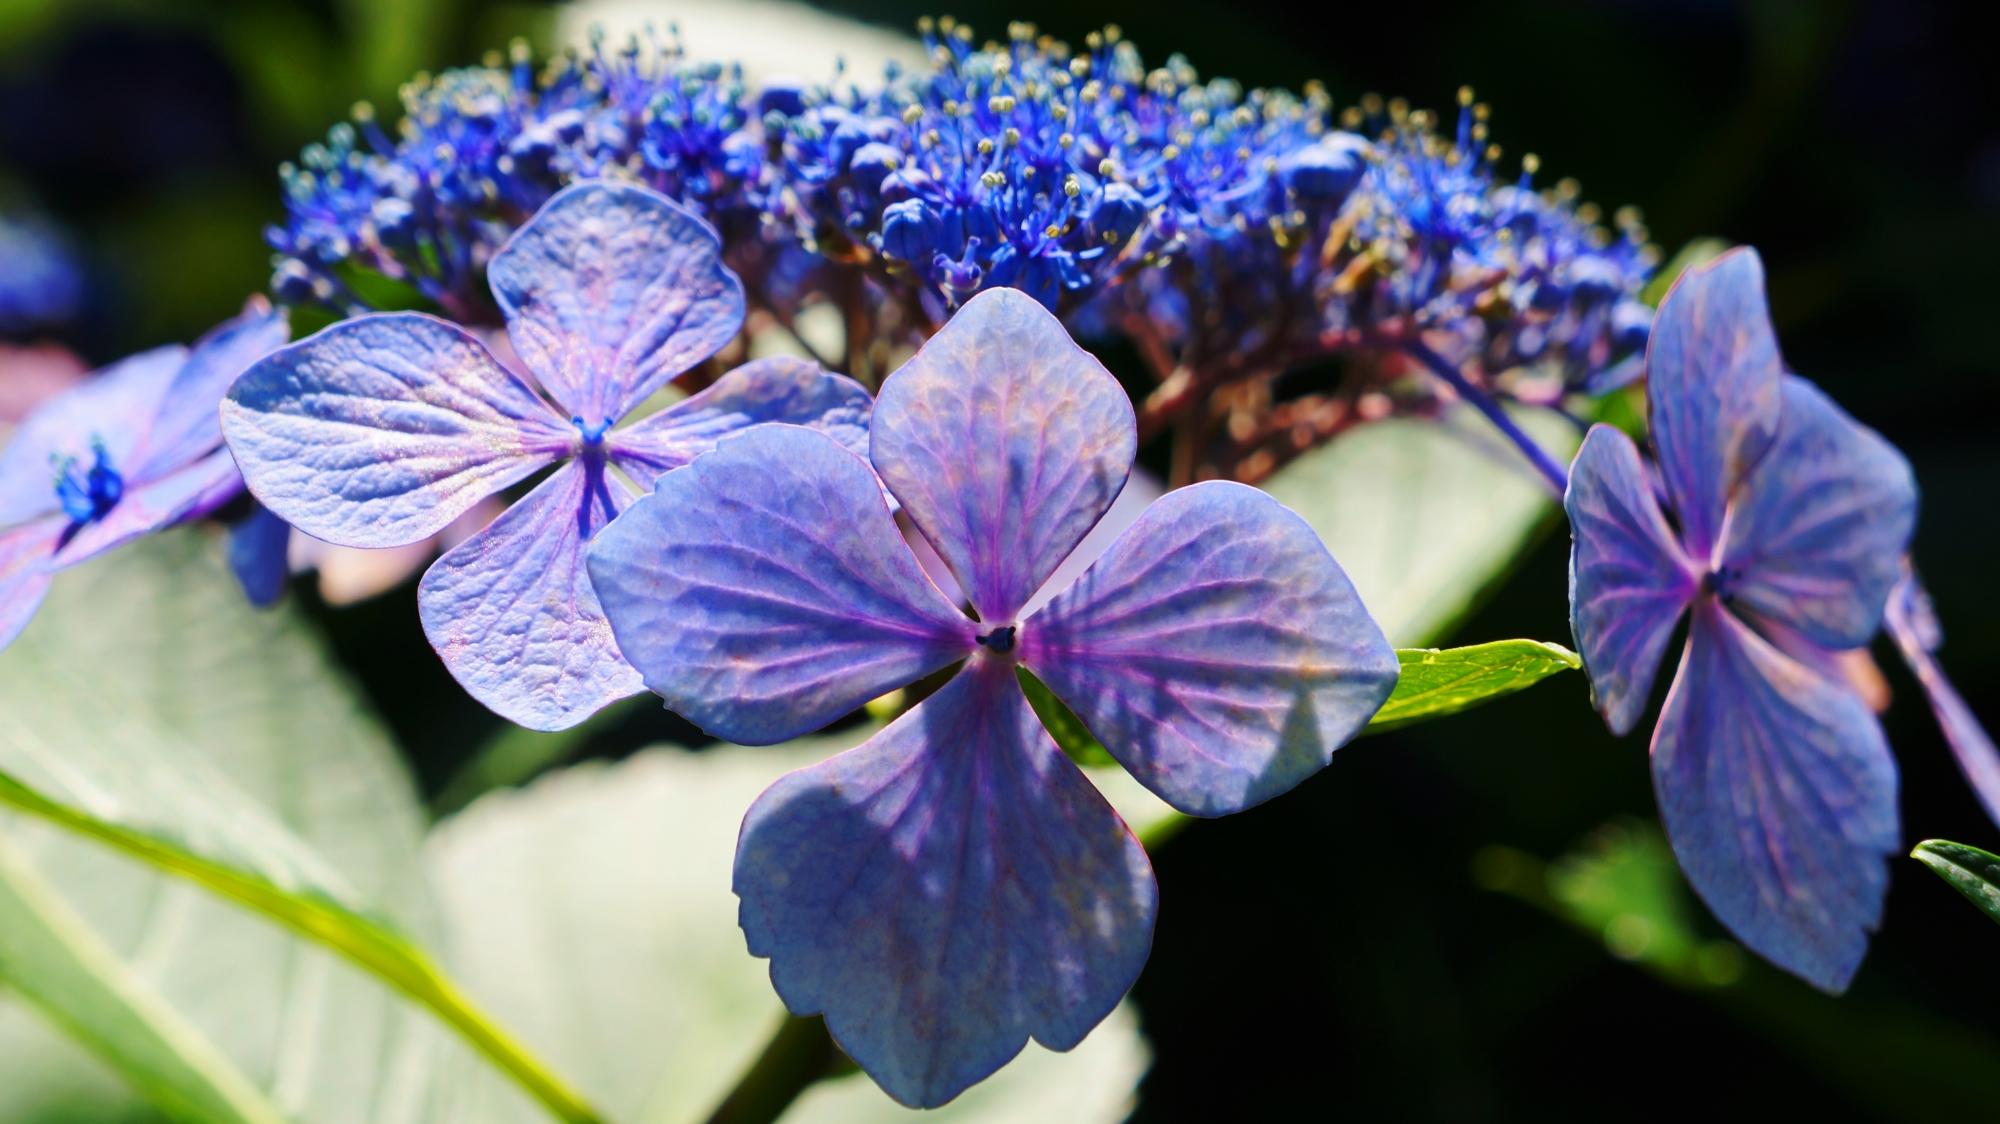 太陽を浴びて花びらが透ける紫の額紫陽花